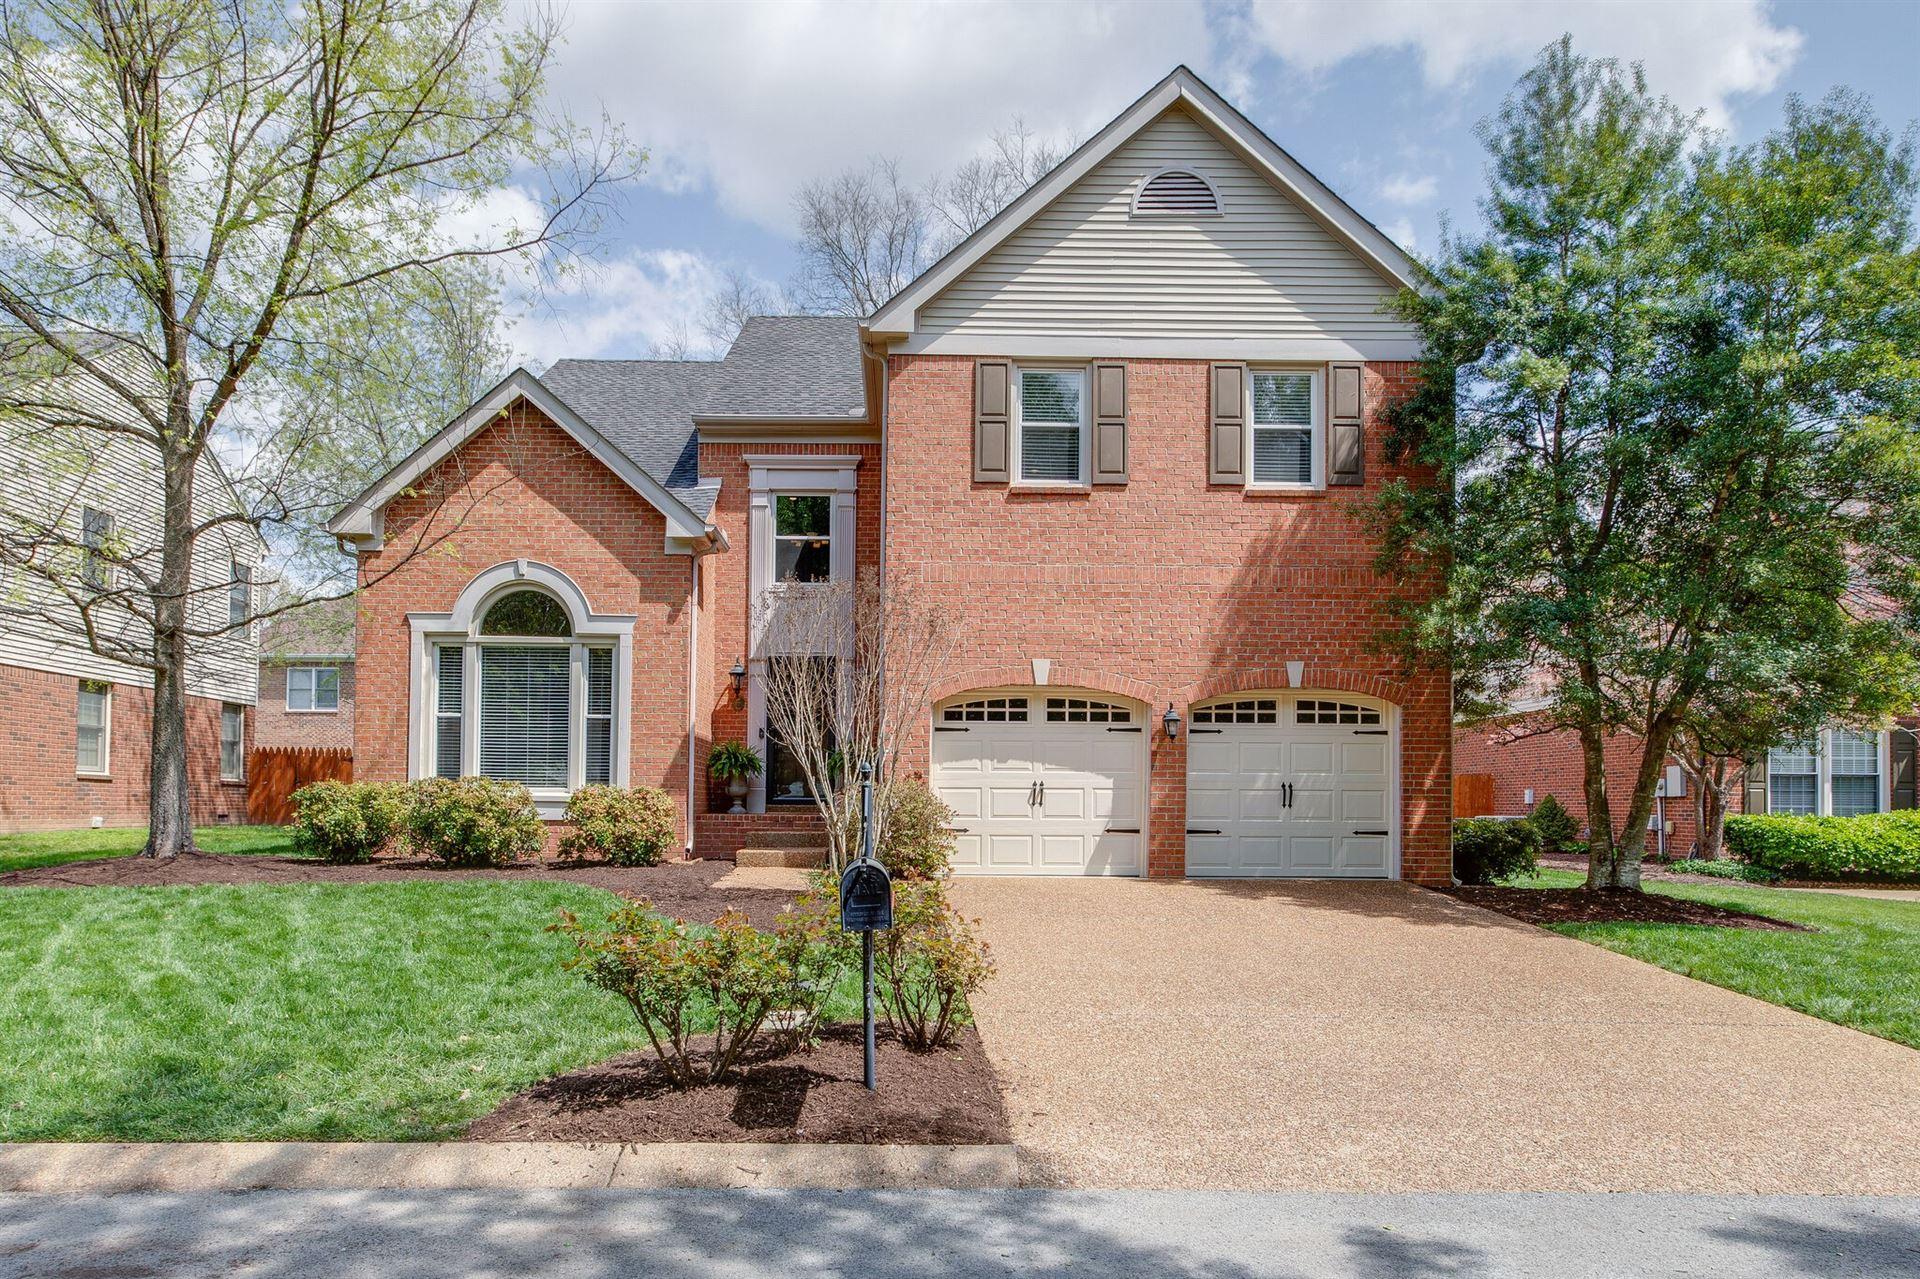 378 Glendower Pl, Franklin, TN 37064 - MLS#: 2243511